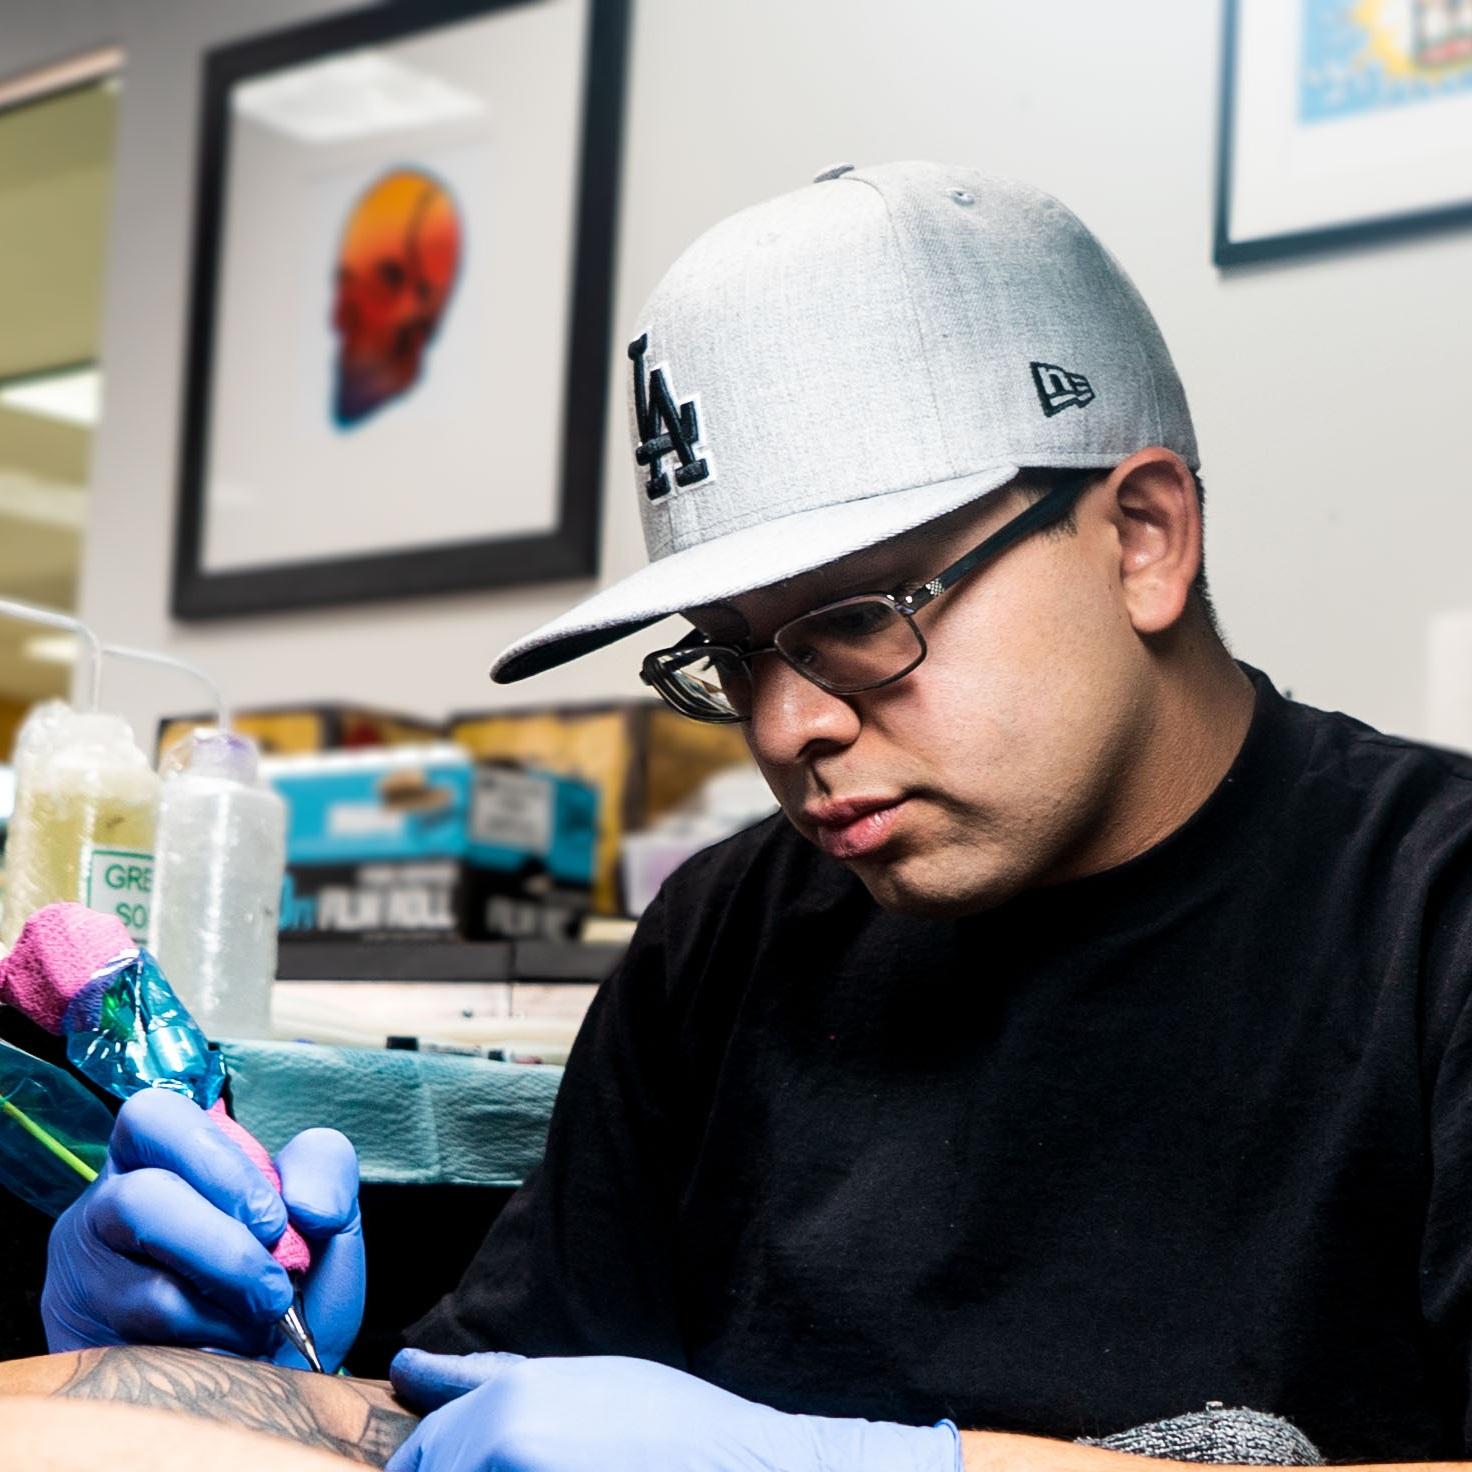 MEIKEL CASTELLON - LOCATION: HeadquartersSpecializes in Black Work Tattoos.